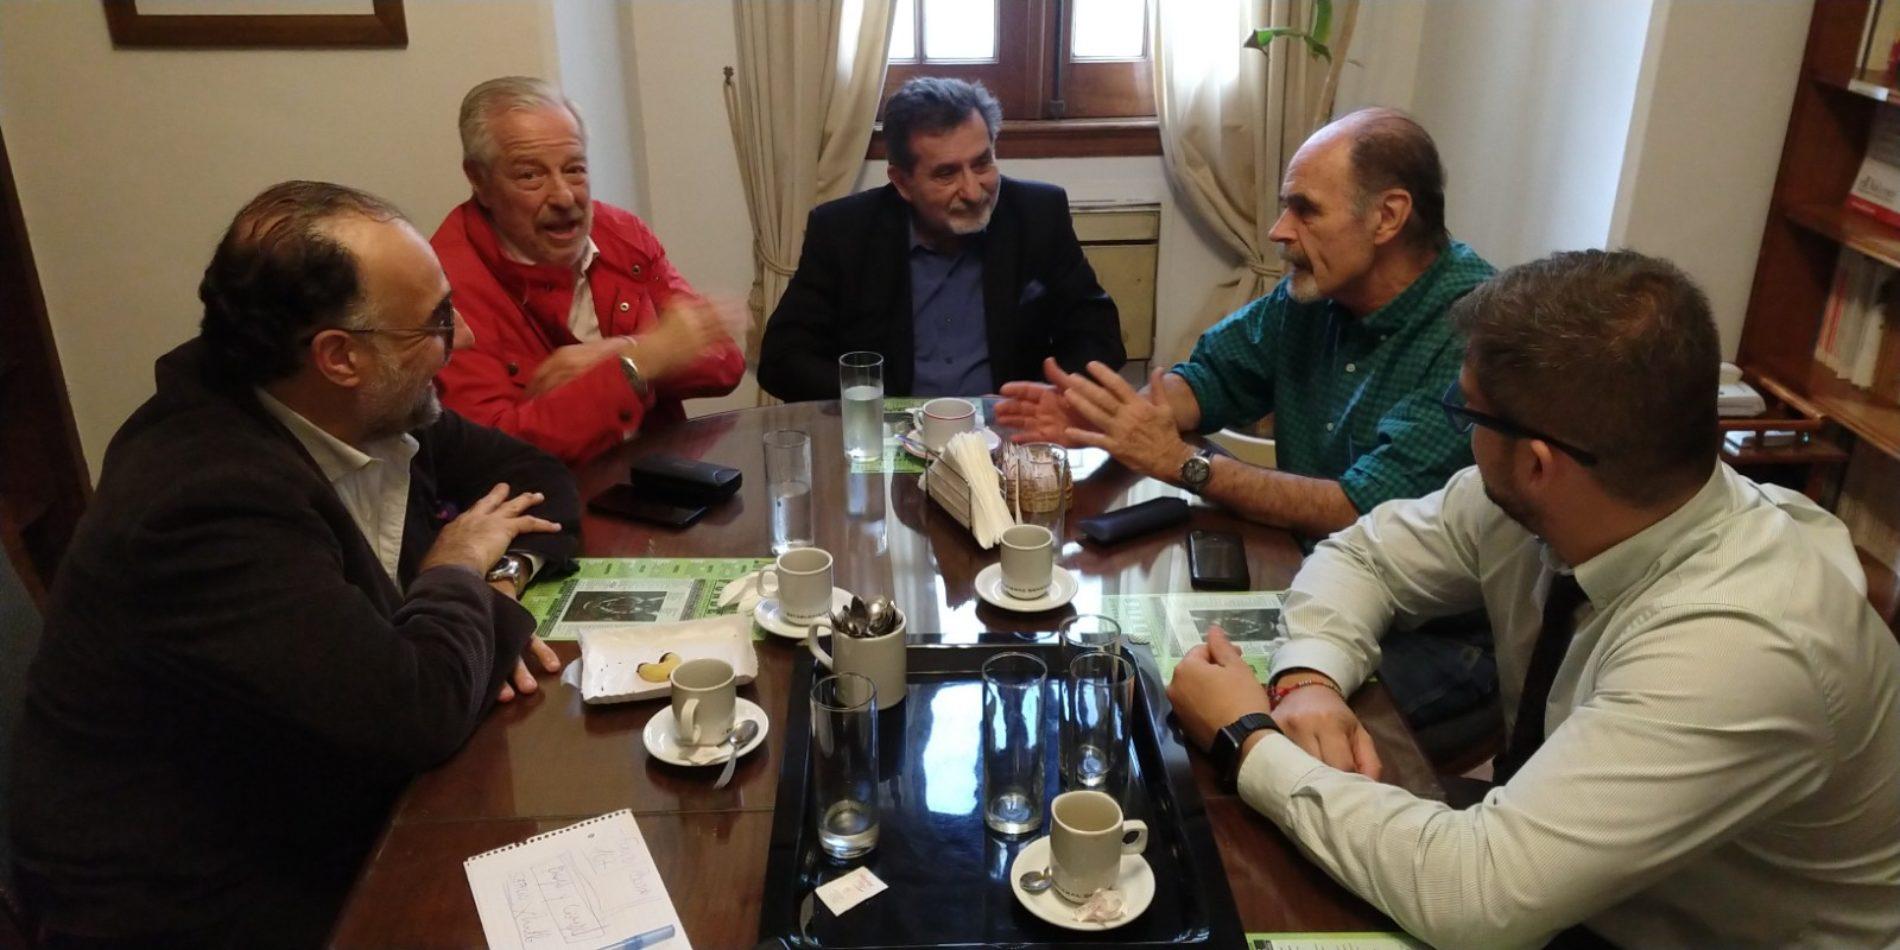 27/08/19. REUNIÓN DE TRABAJO DE LOS INTEGRANTES DEL CONSEJO DE ADMINISTRACIÓN ACOMPAÑADOS POR MIEMBROS DEL CONSEJO ASESOR.